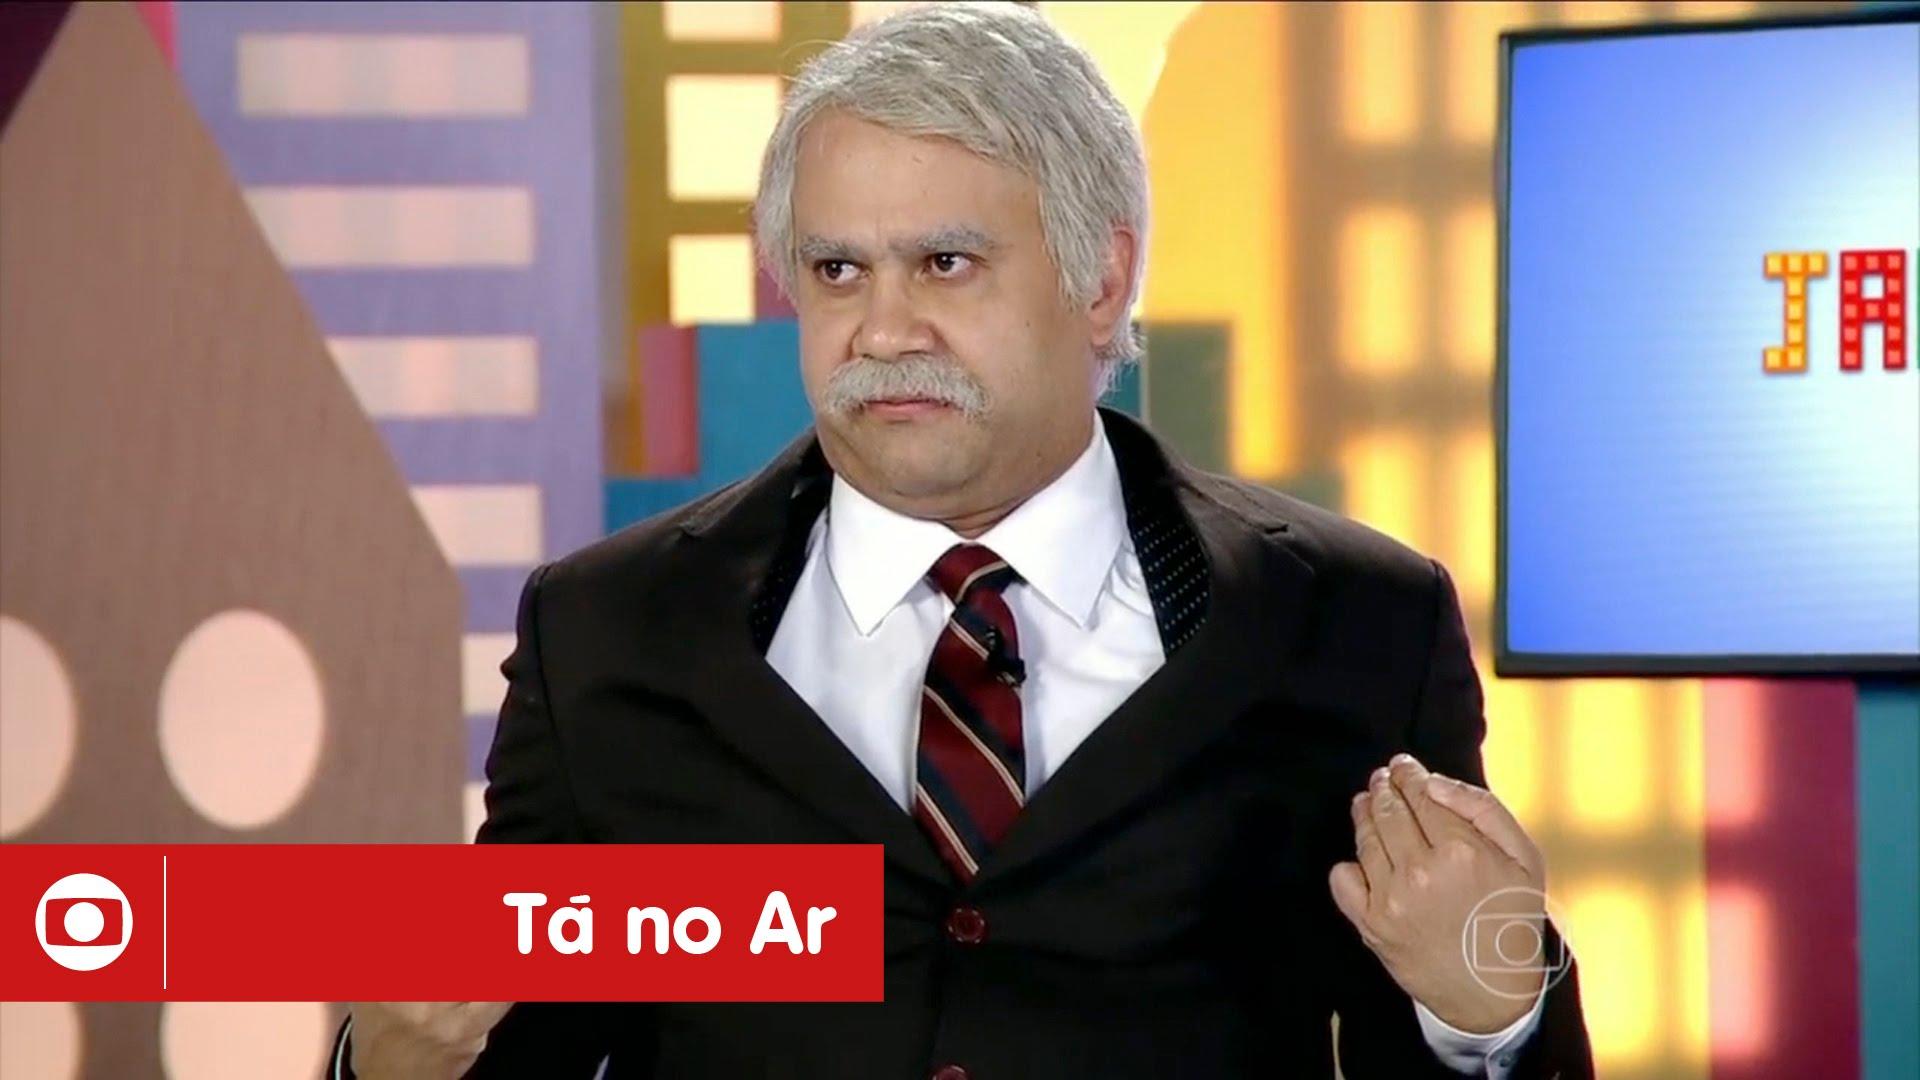 """0549f1f38 Humorista do """"Tá no Ar"""" revela câncer e insatisfação com """"Zorra Total""""   """"Não é meu tipo de humor"""" – TV Foco"""